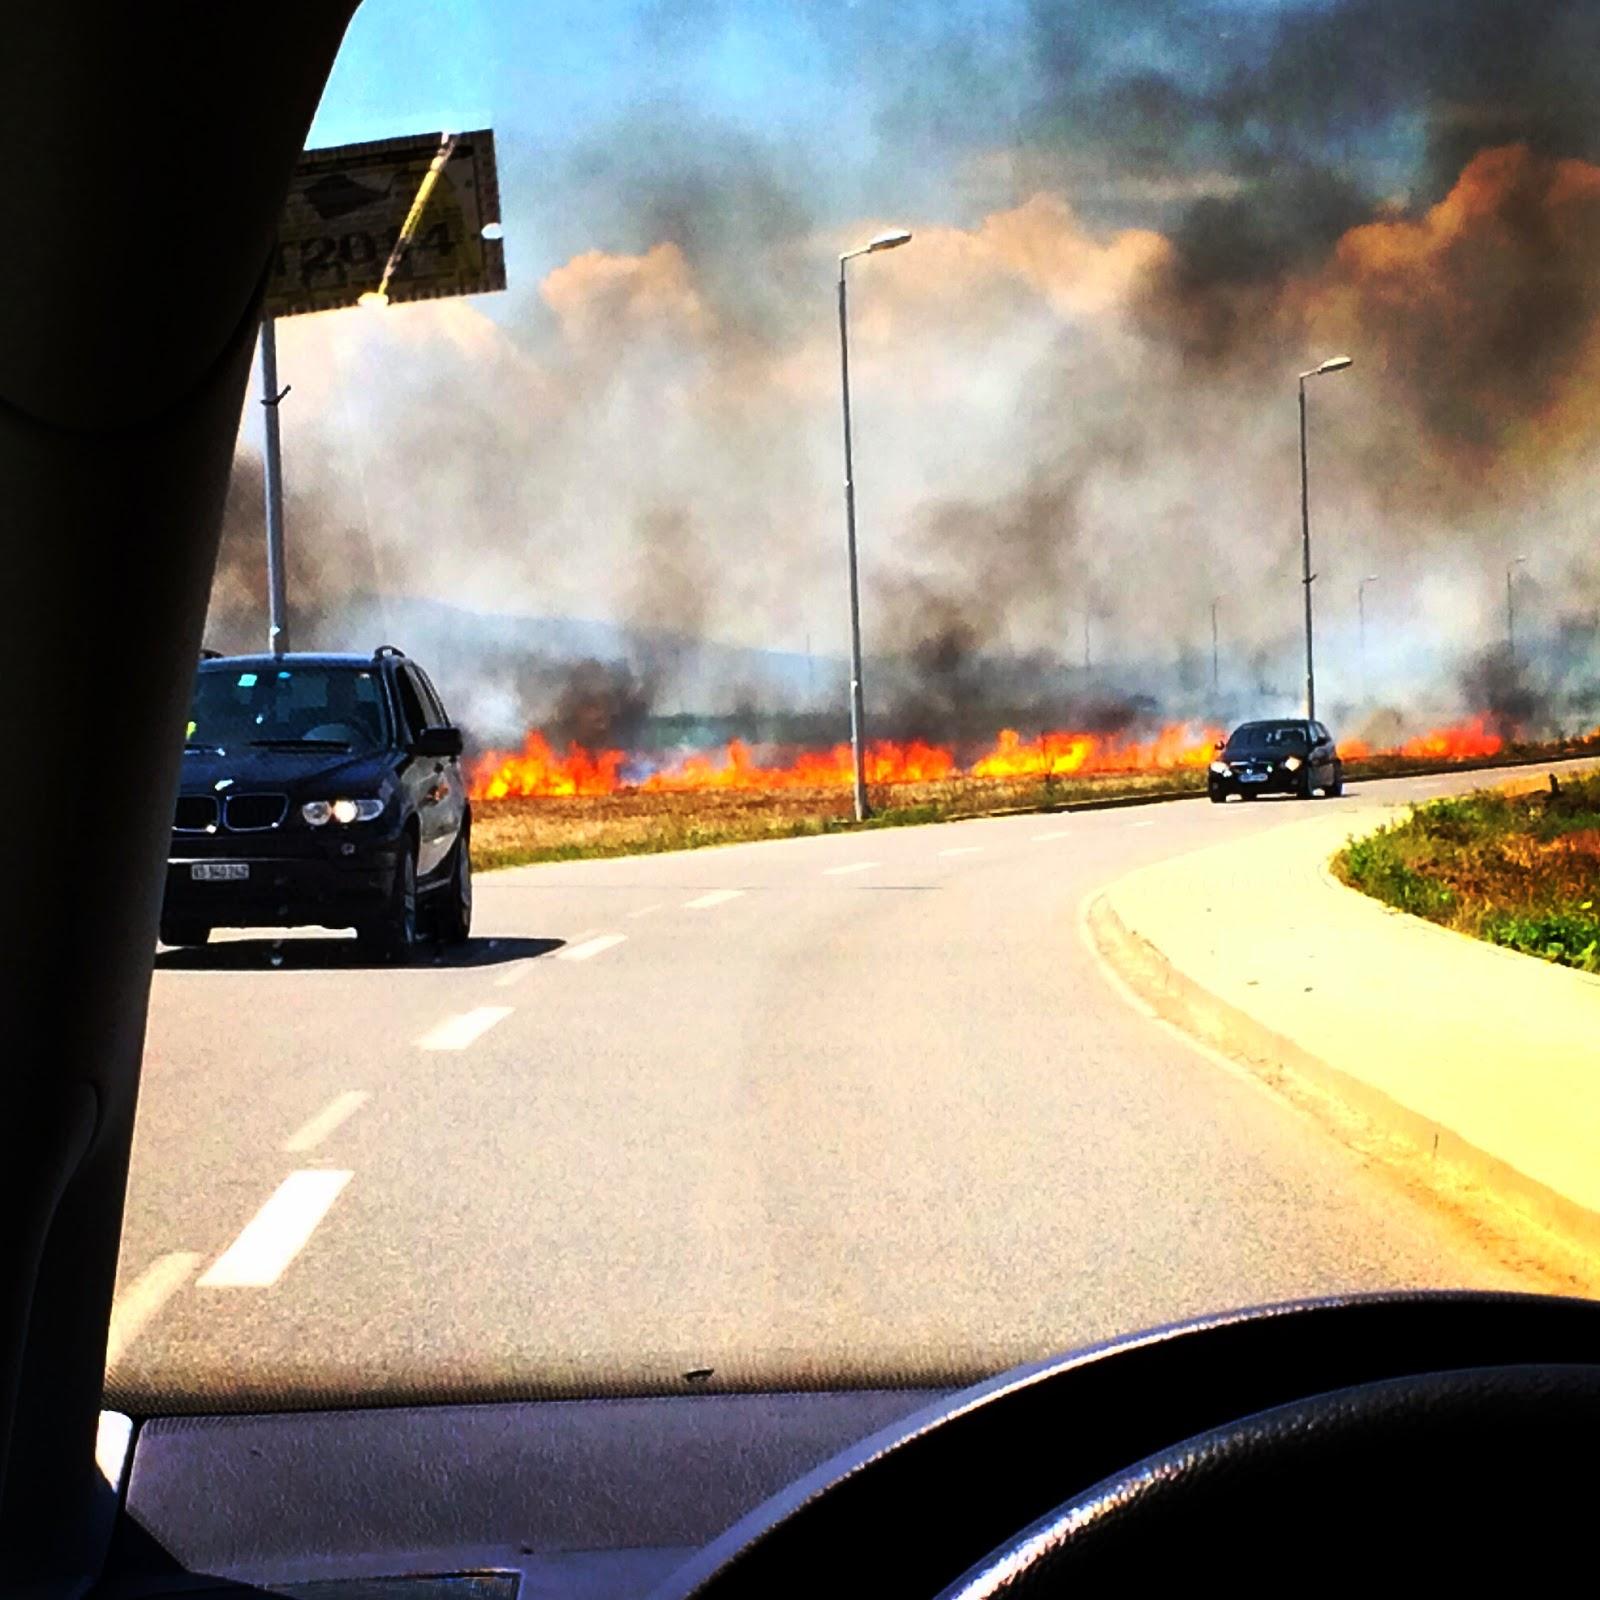 Auto Fahren, Feuer, Flamme, Rauch, Tod, Hilfe, Frau, car, driving, fire, flame, smoke, death, help, woman